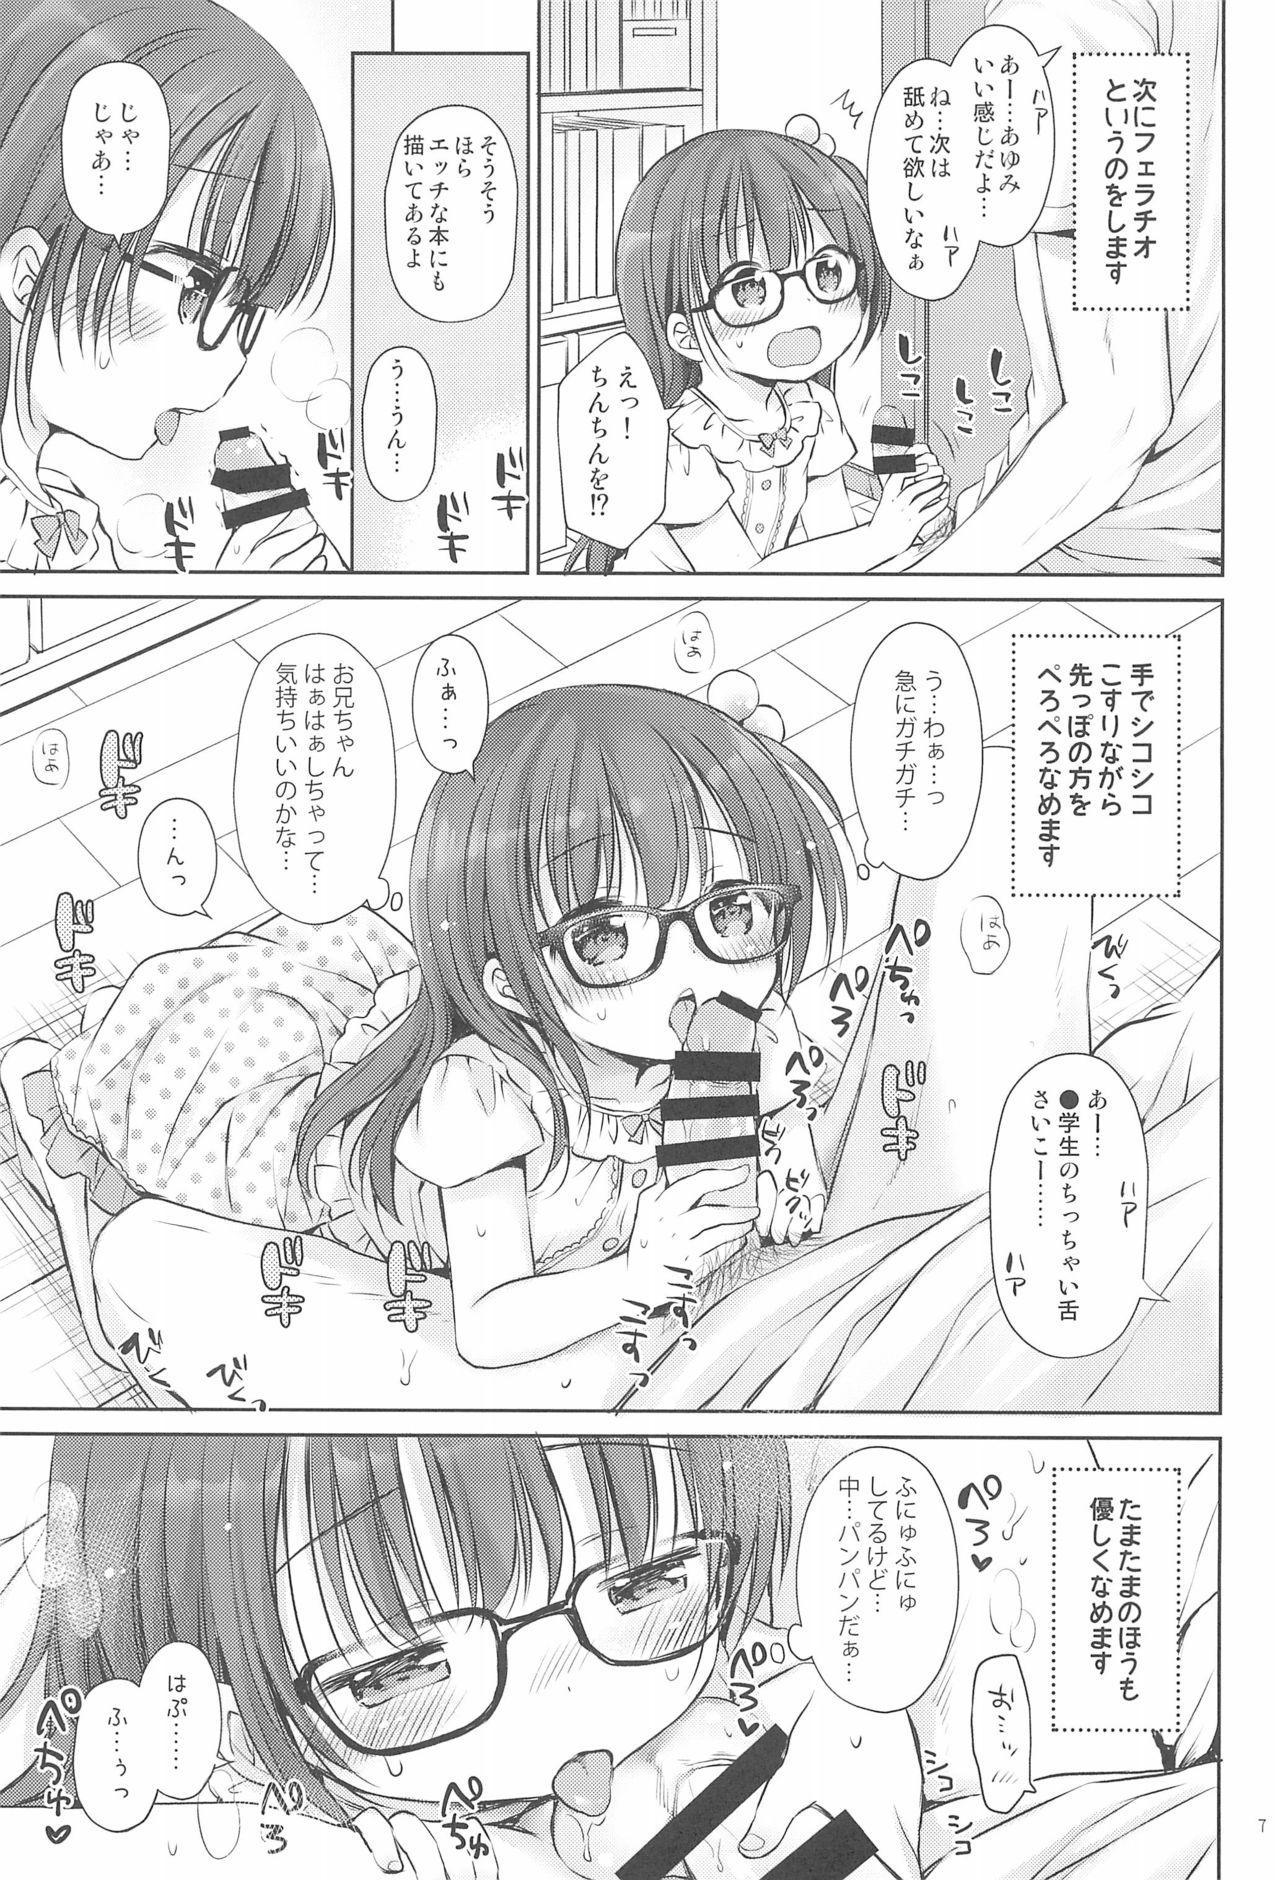 Onii-chan to Sex Kenkyuu 8